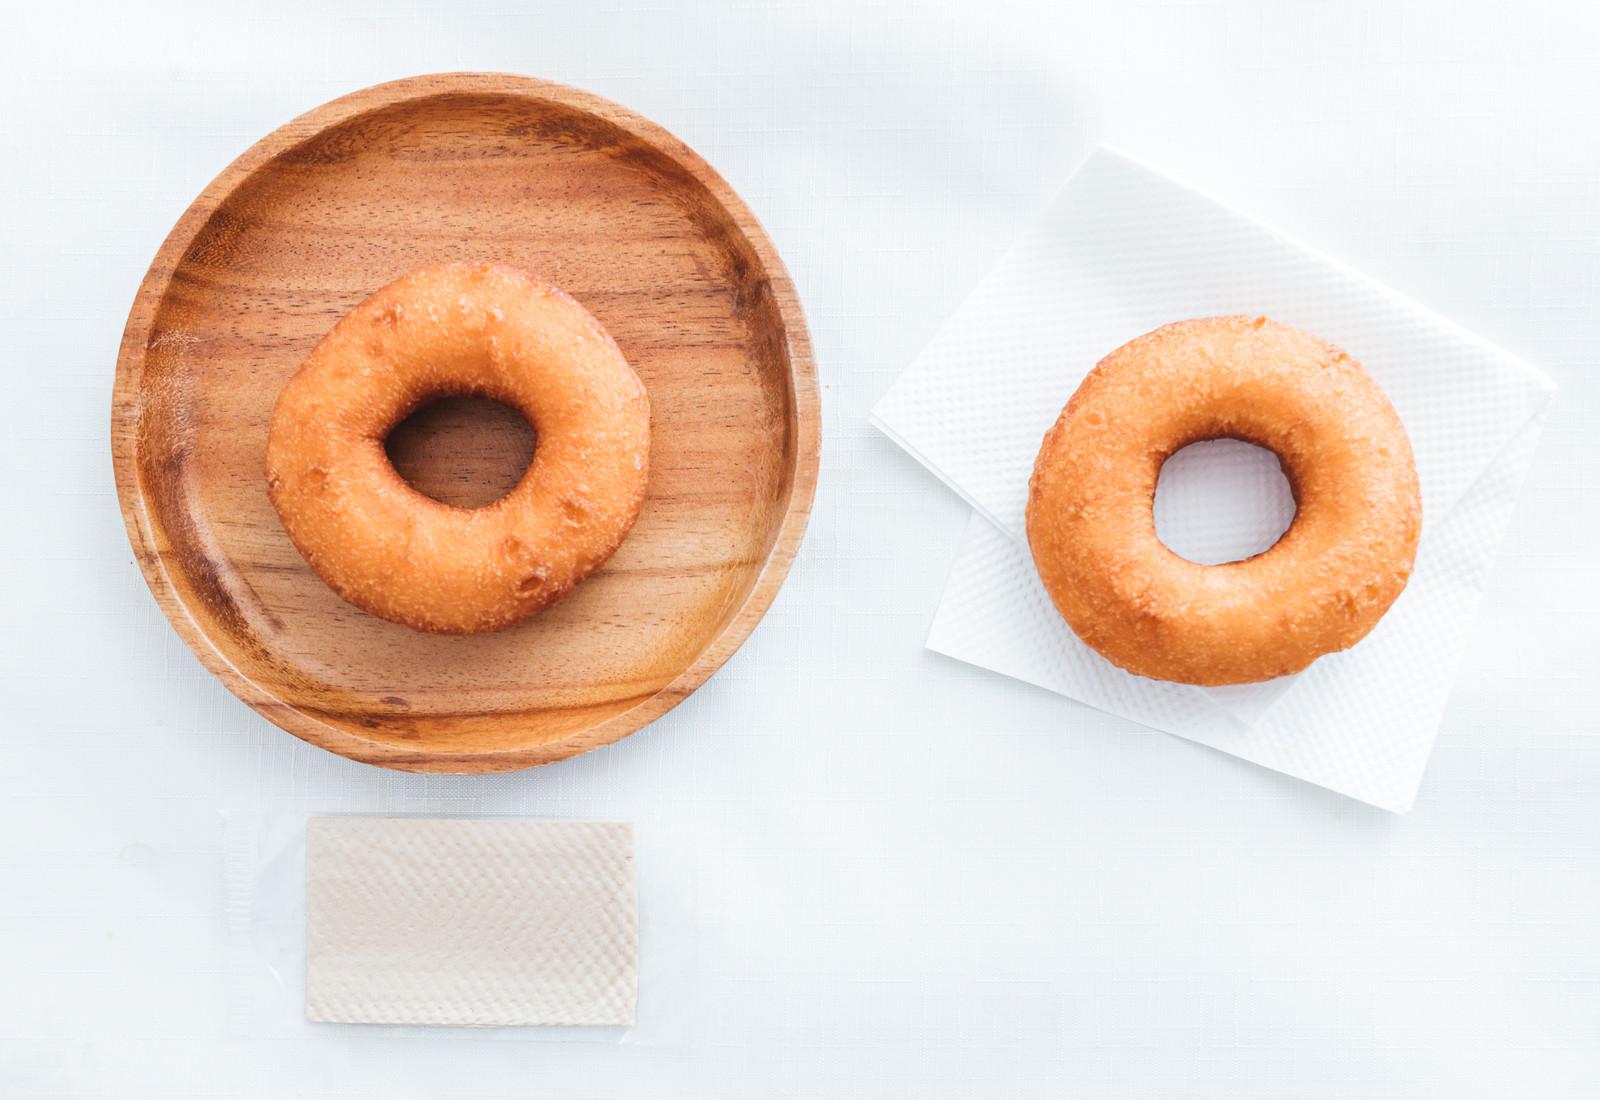 「イートインしたドーナッツとテイクアウトしたドーナッツ」の写真